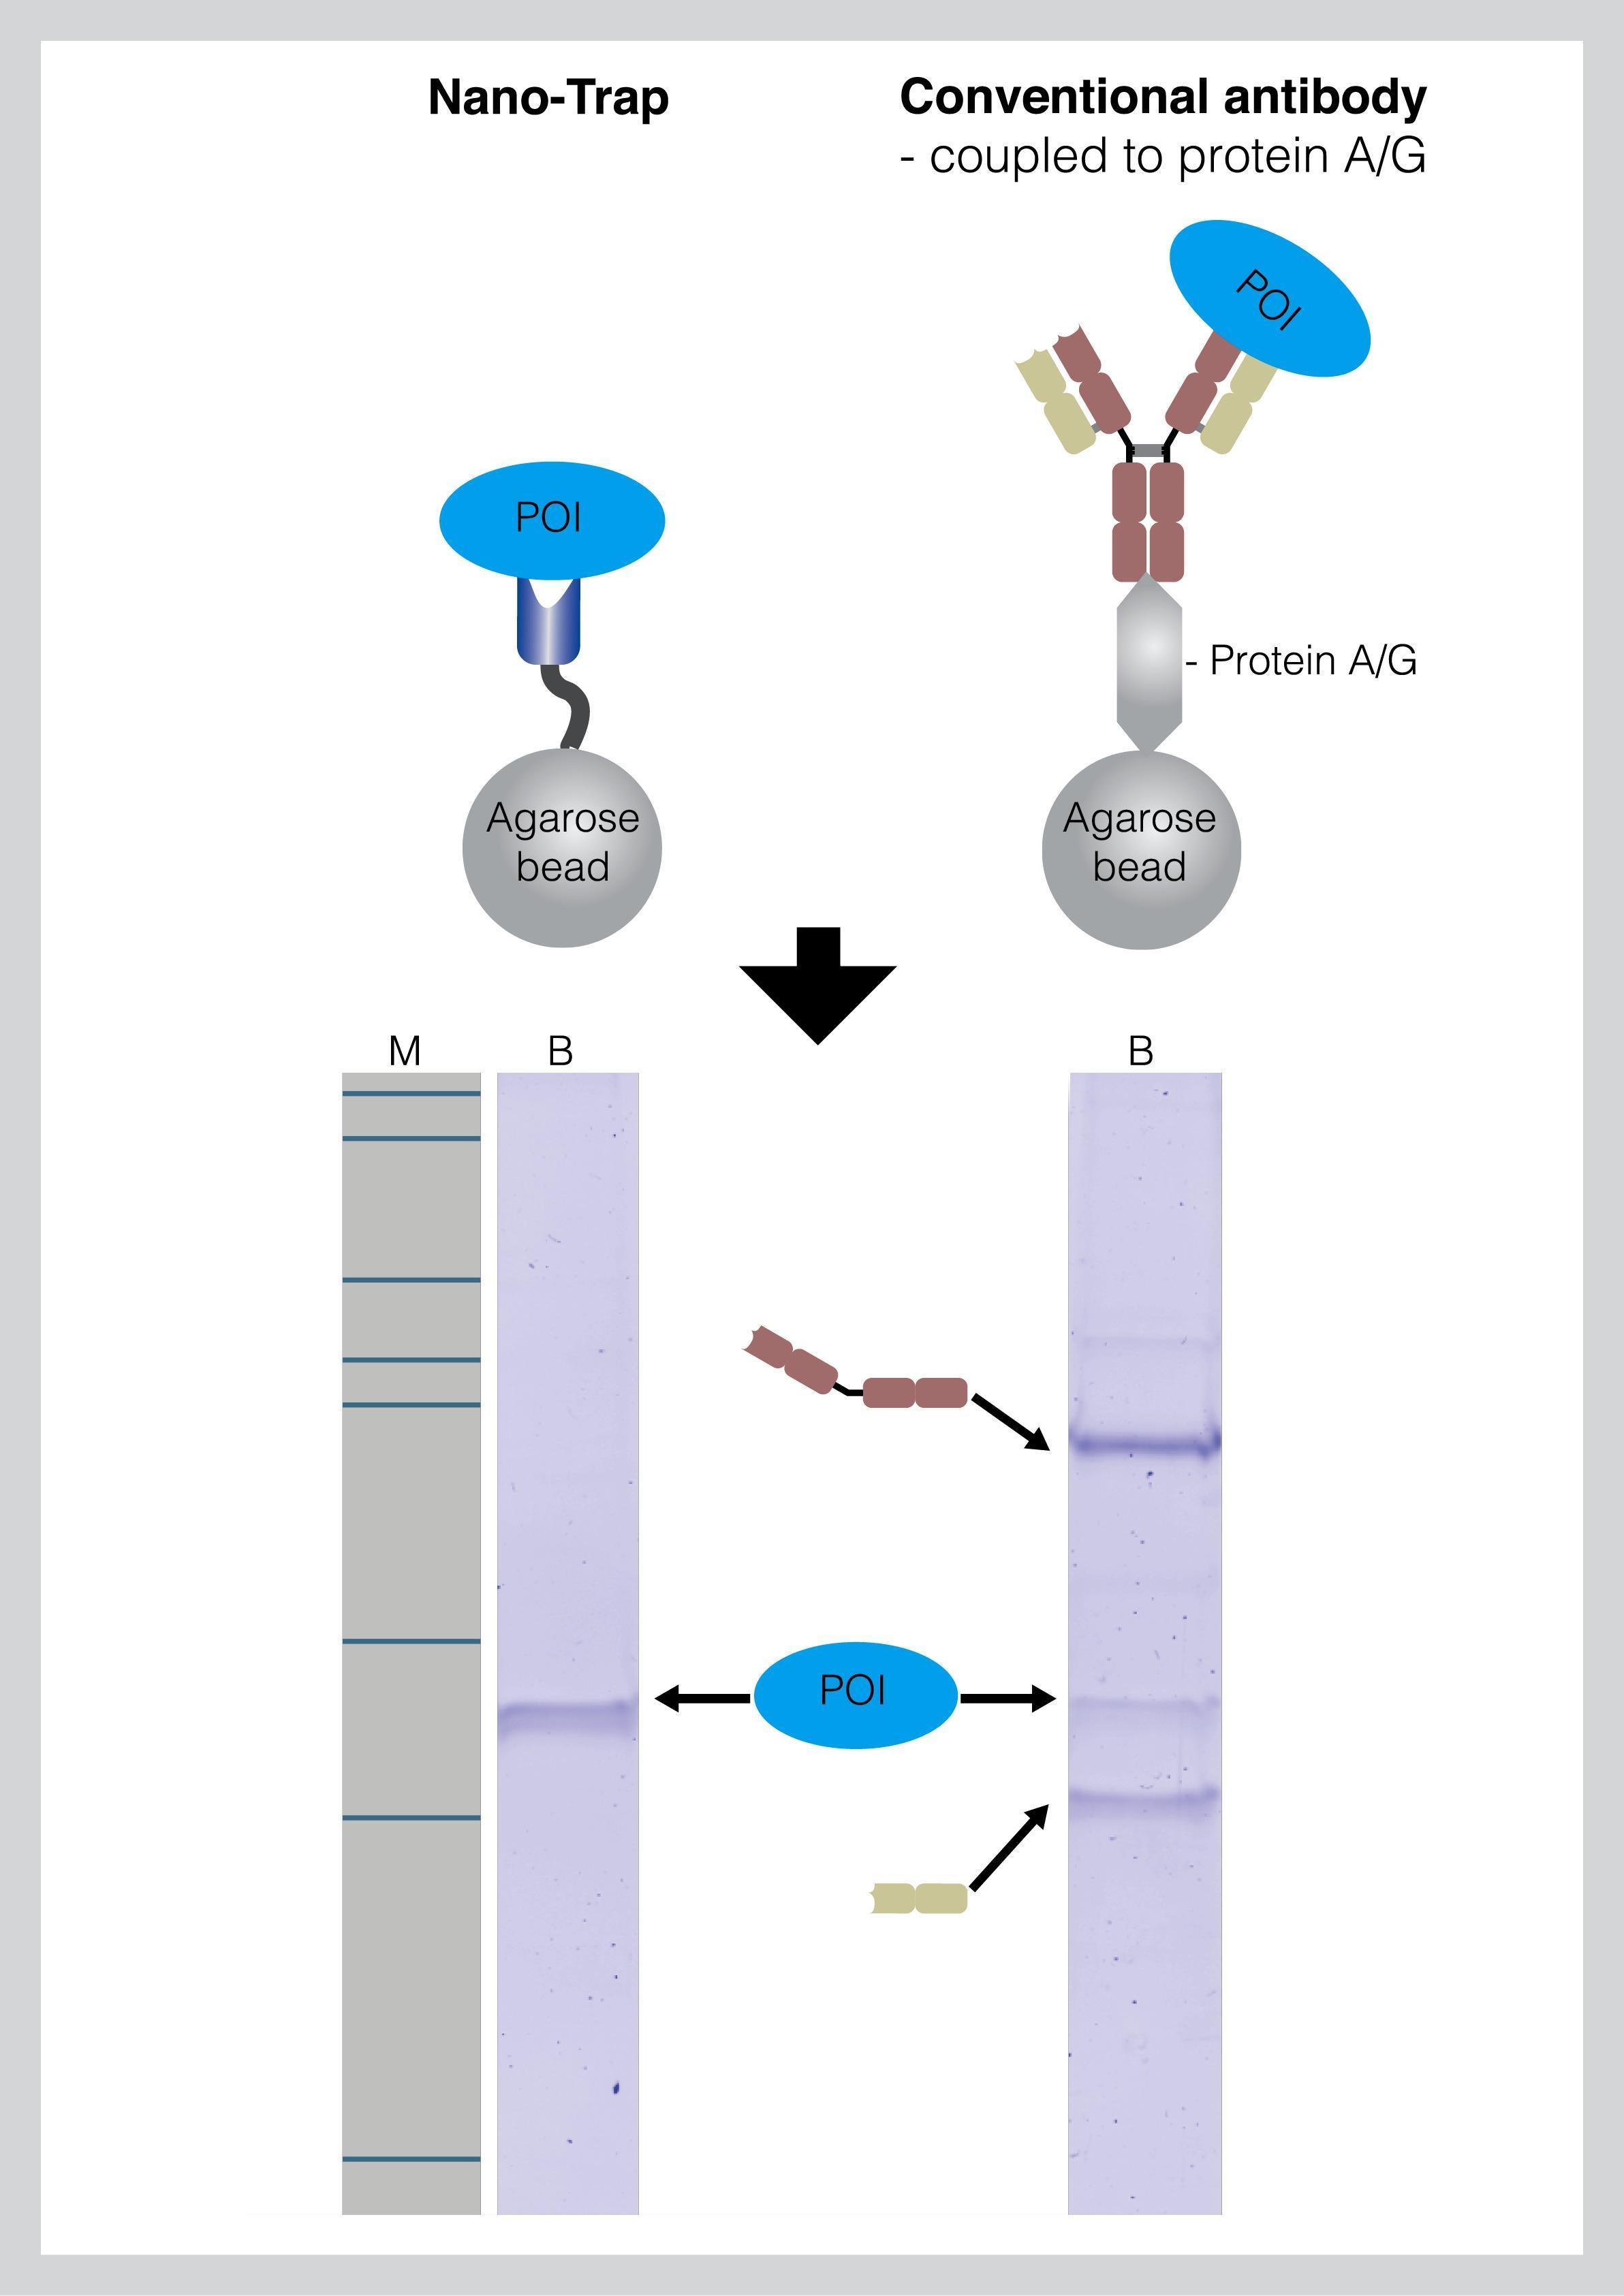 NanoTrap(左)と従来型であるProtein A/G結合IgG抗体(右)を用いた免疫沈降の概要。Nano-Trapでは、単一のバンドを得られ、従来型とは異なり軽鎖/重鎖由来のバンドは観察されません。